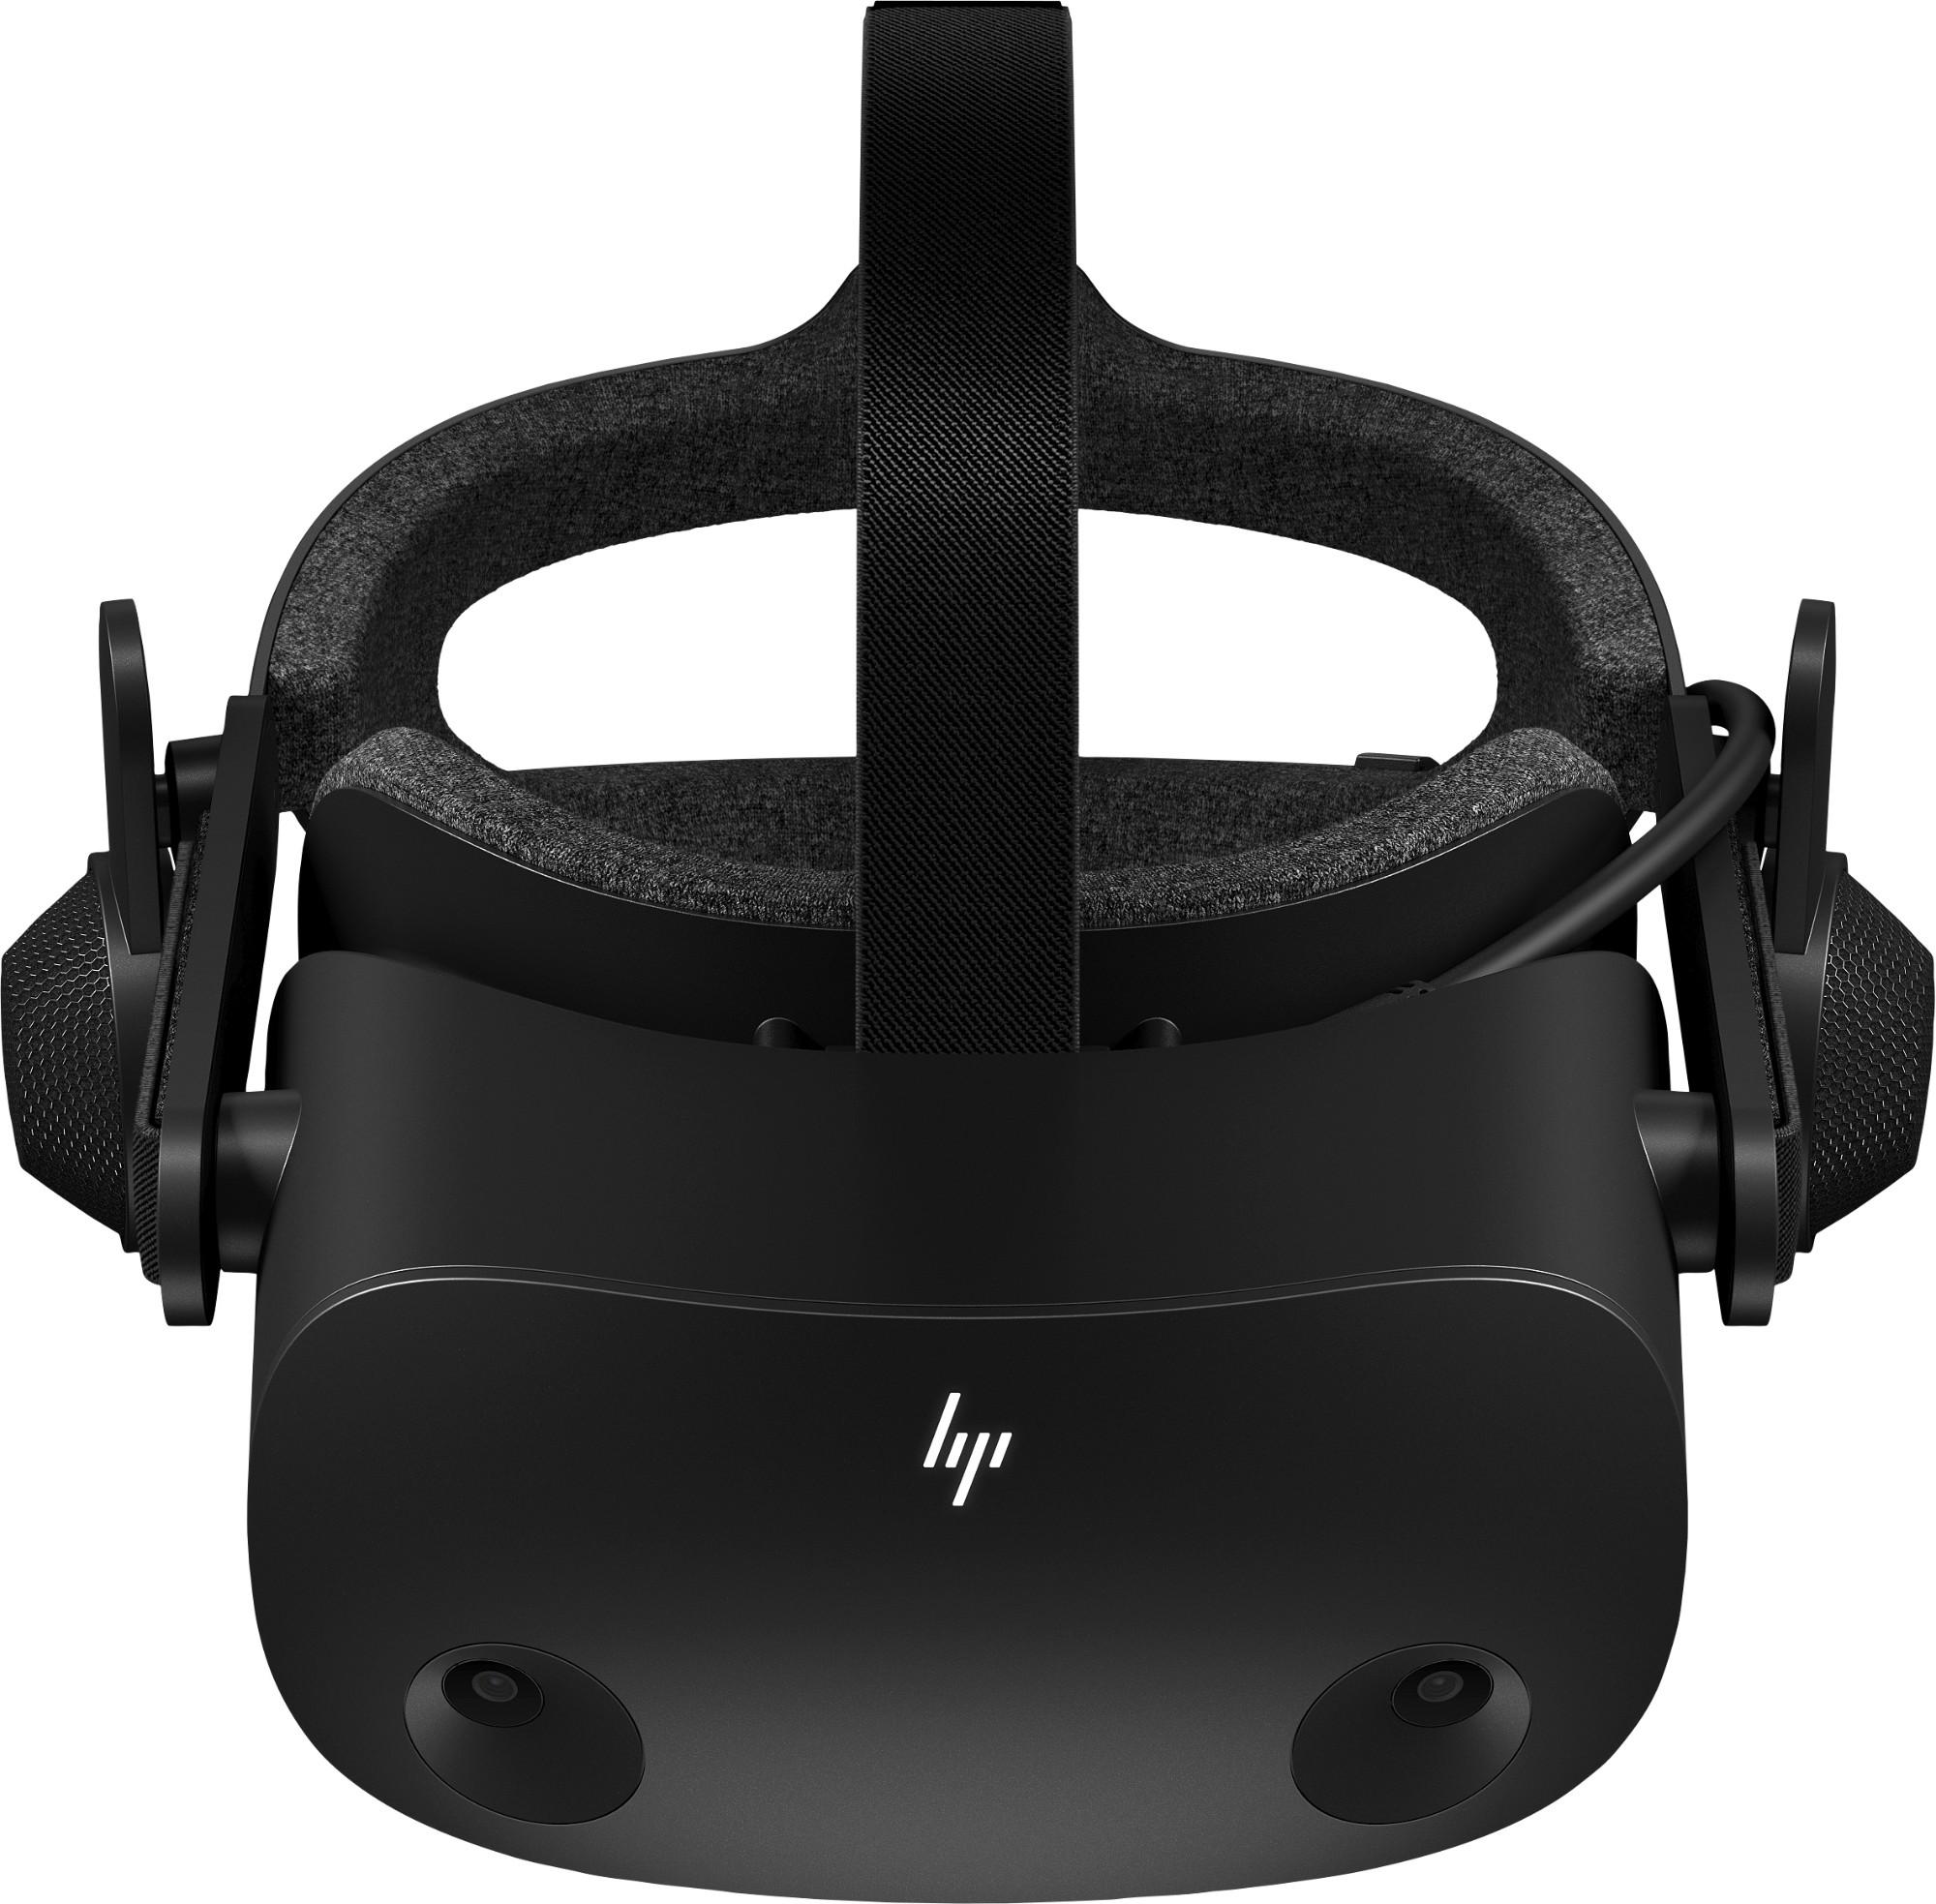 HP Reverb G2 Dedicated head mounted display 550 g Black